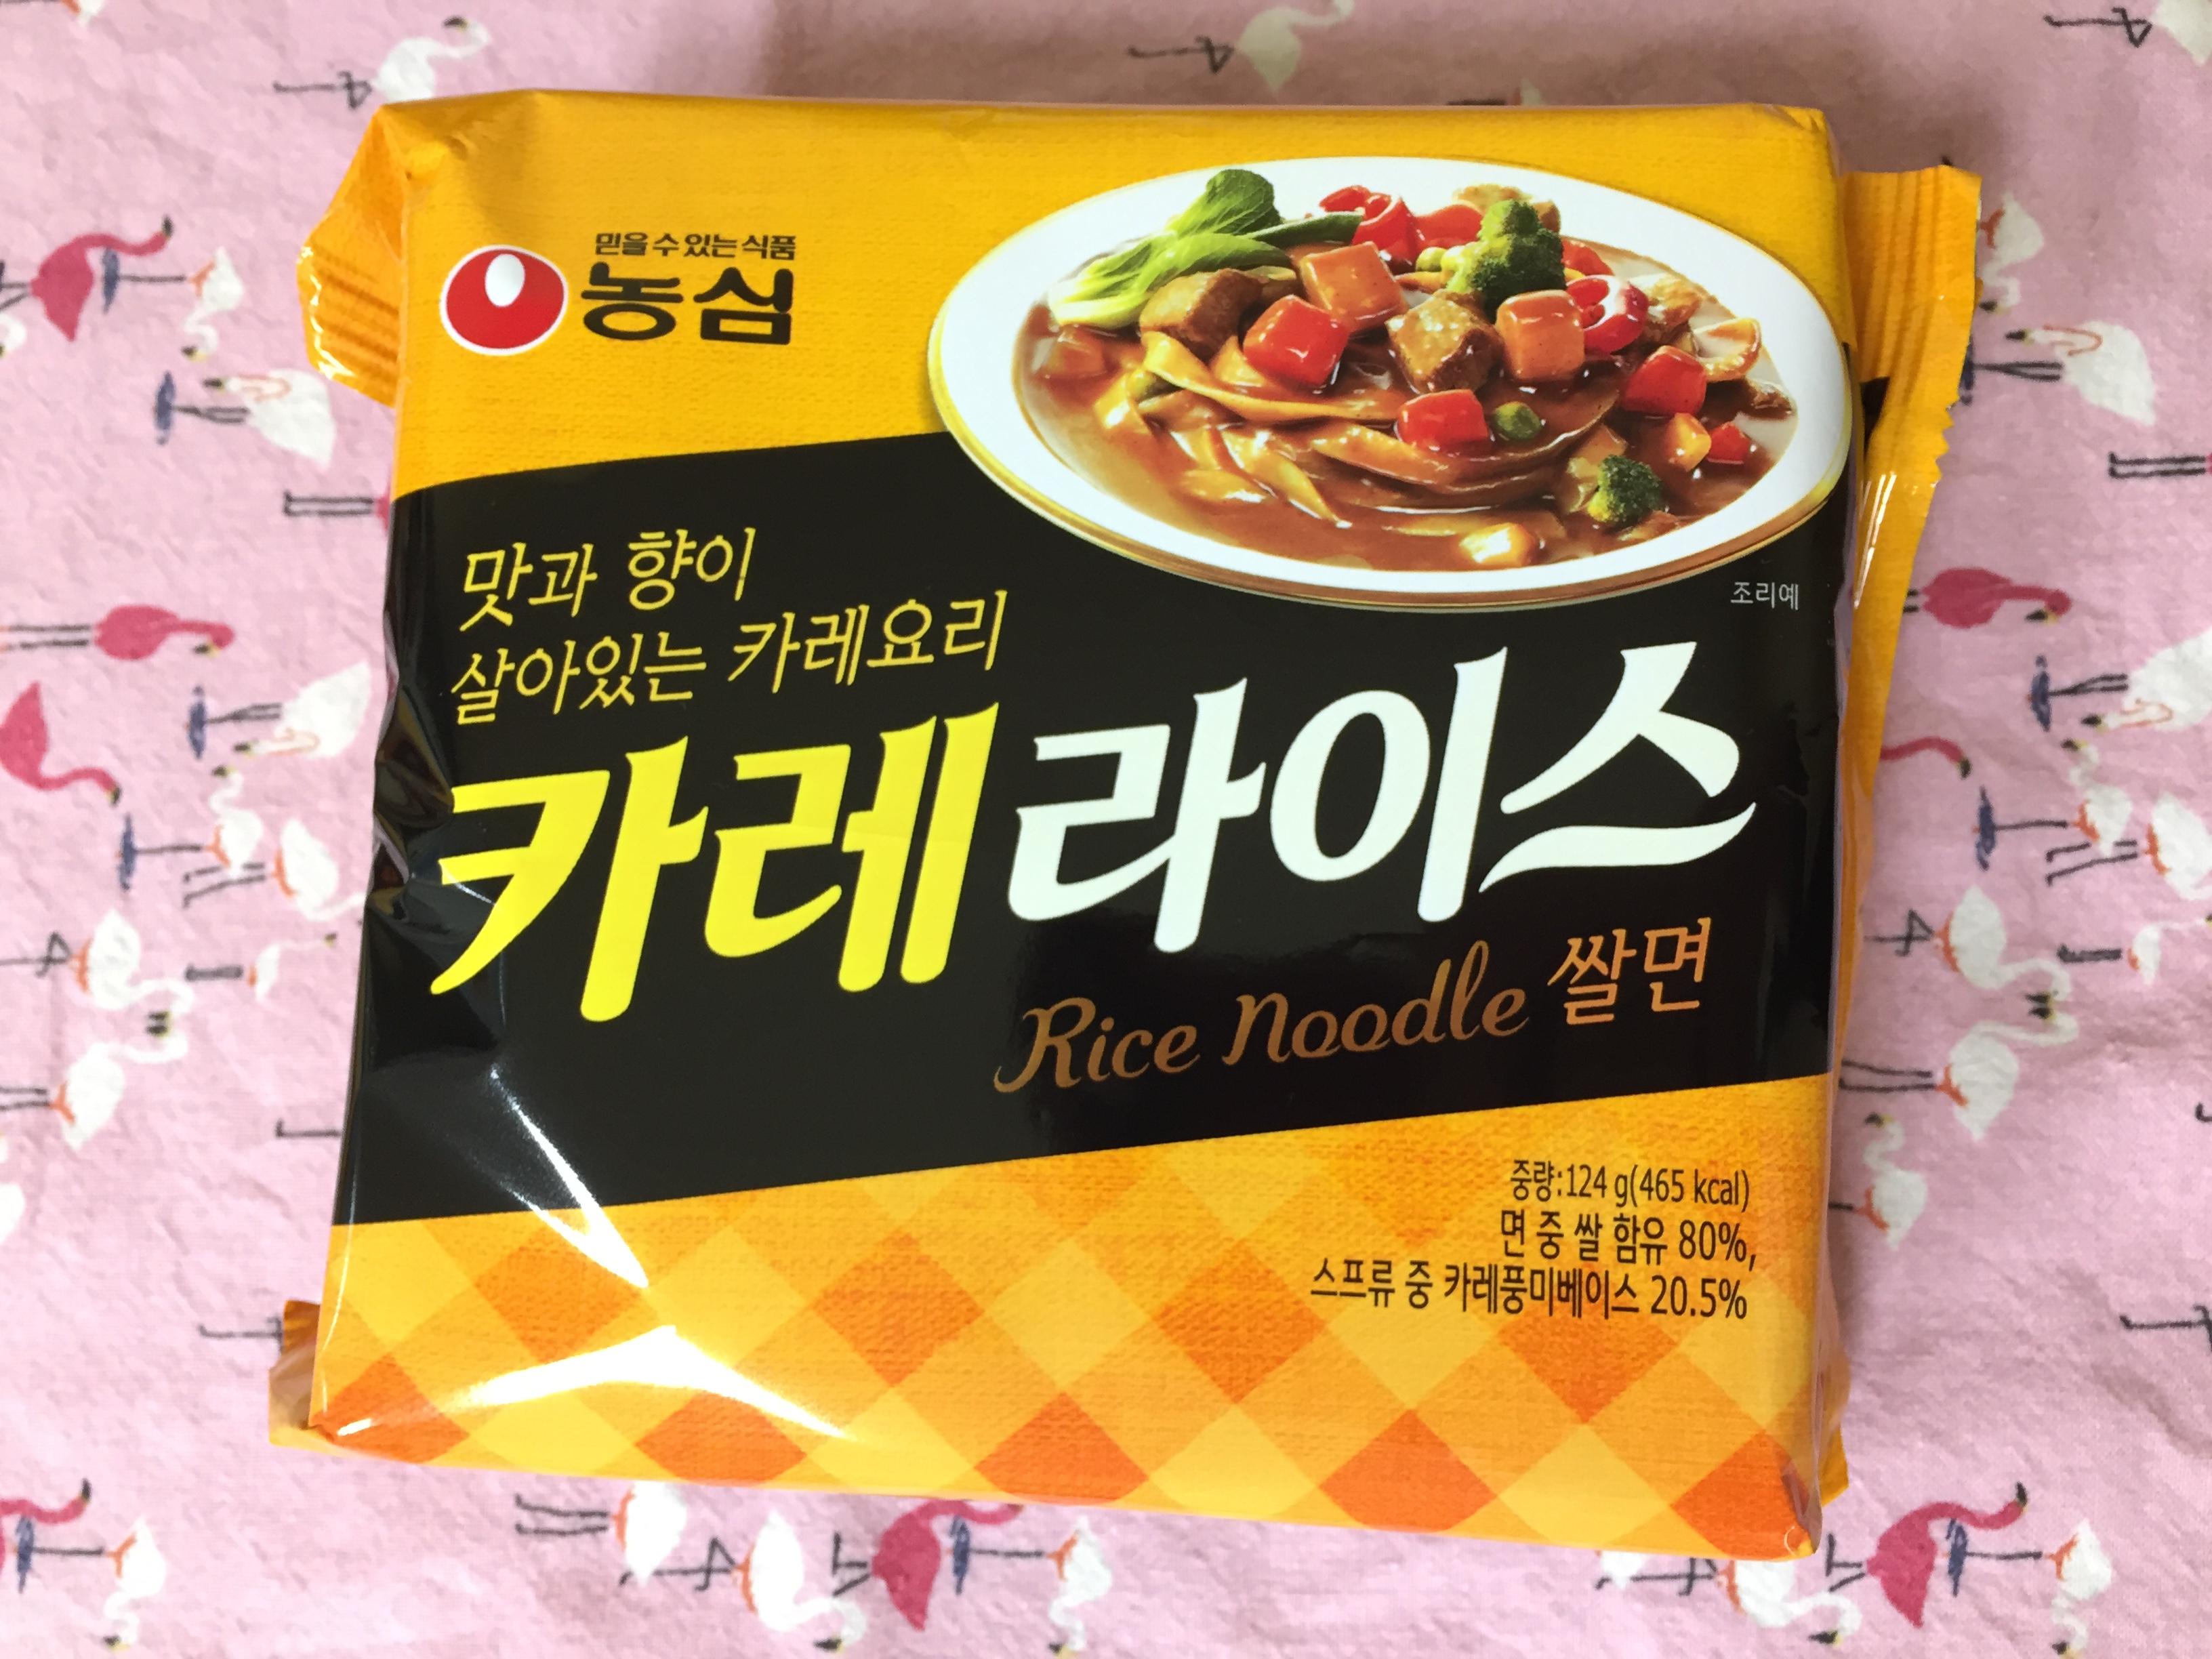 [농심] 카레라이스 쌀면